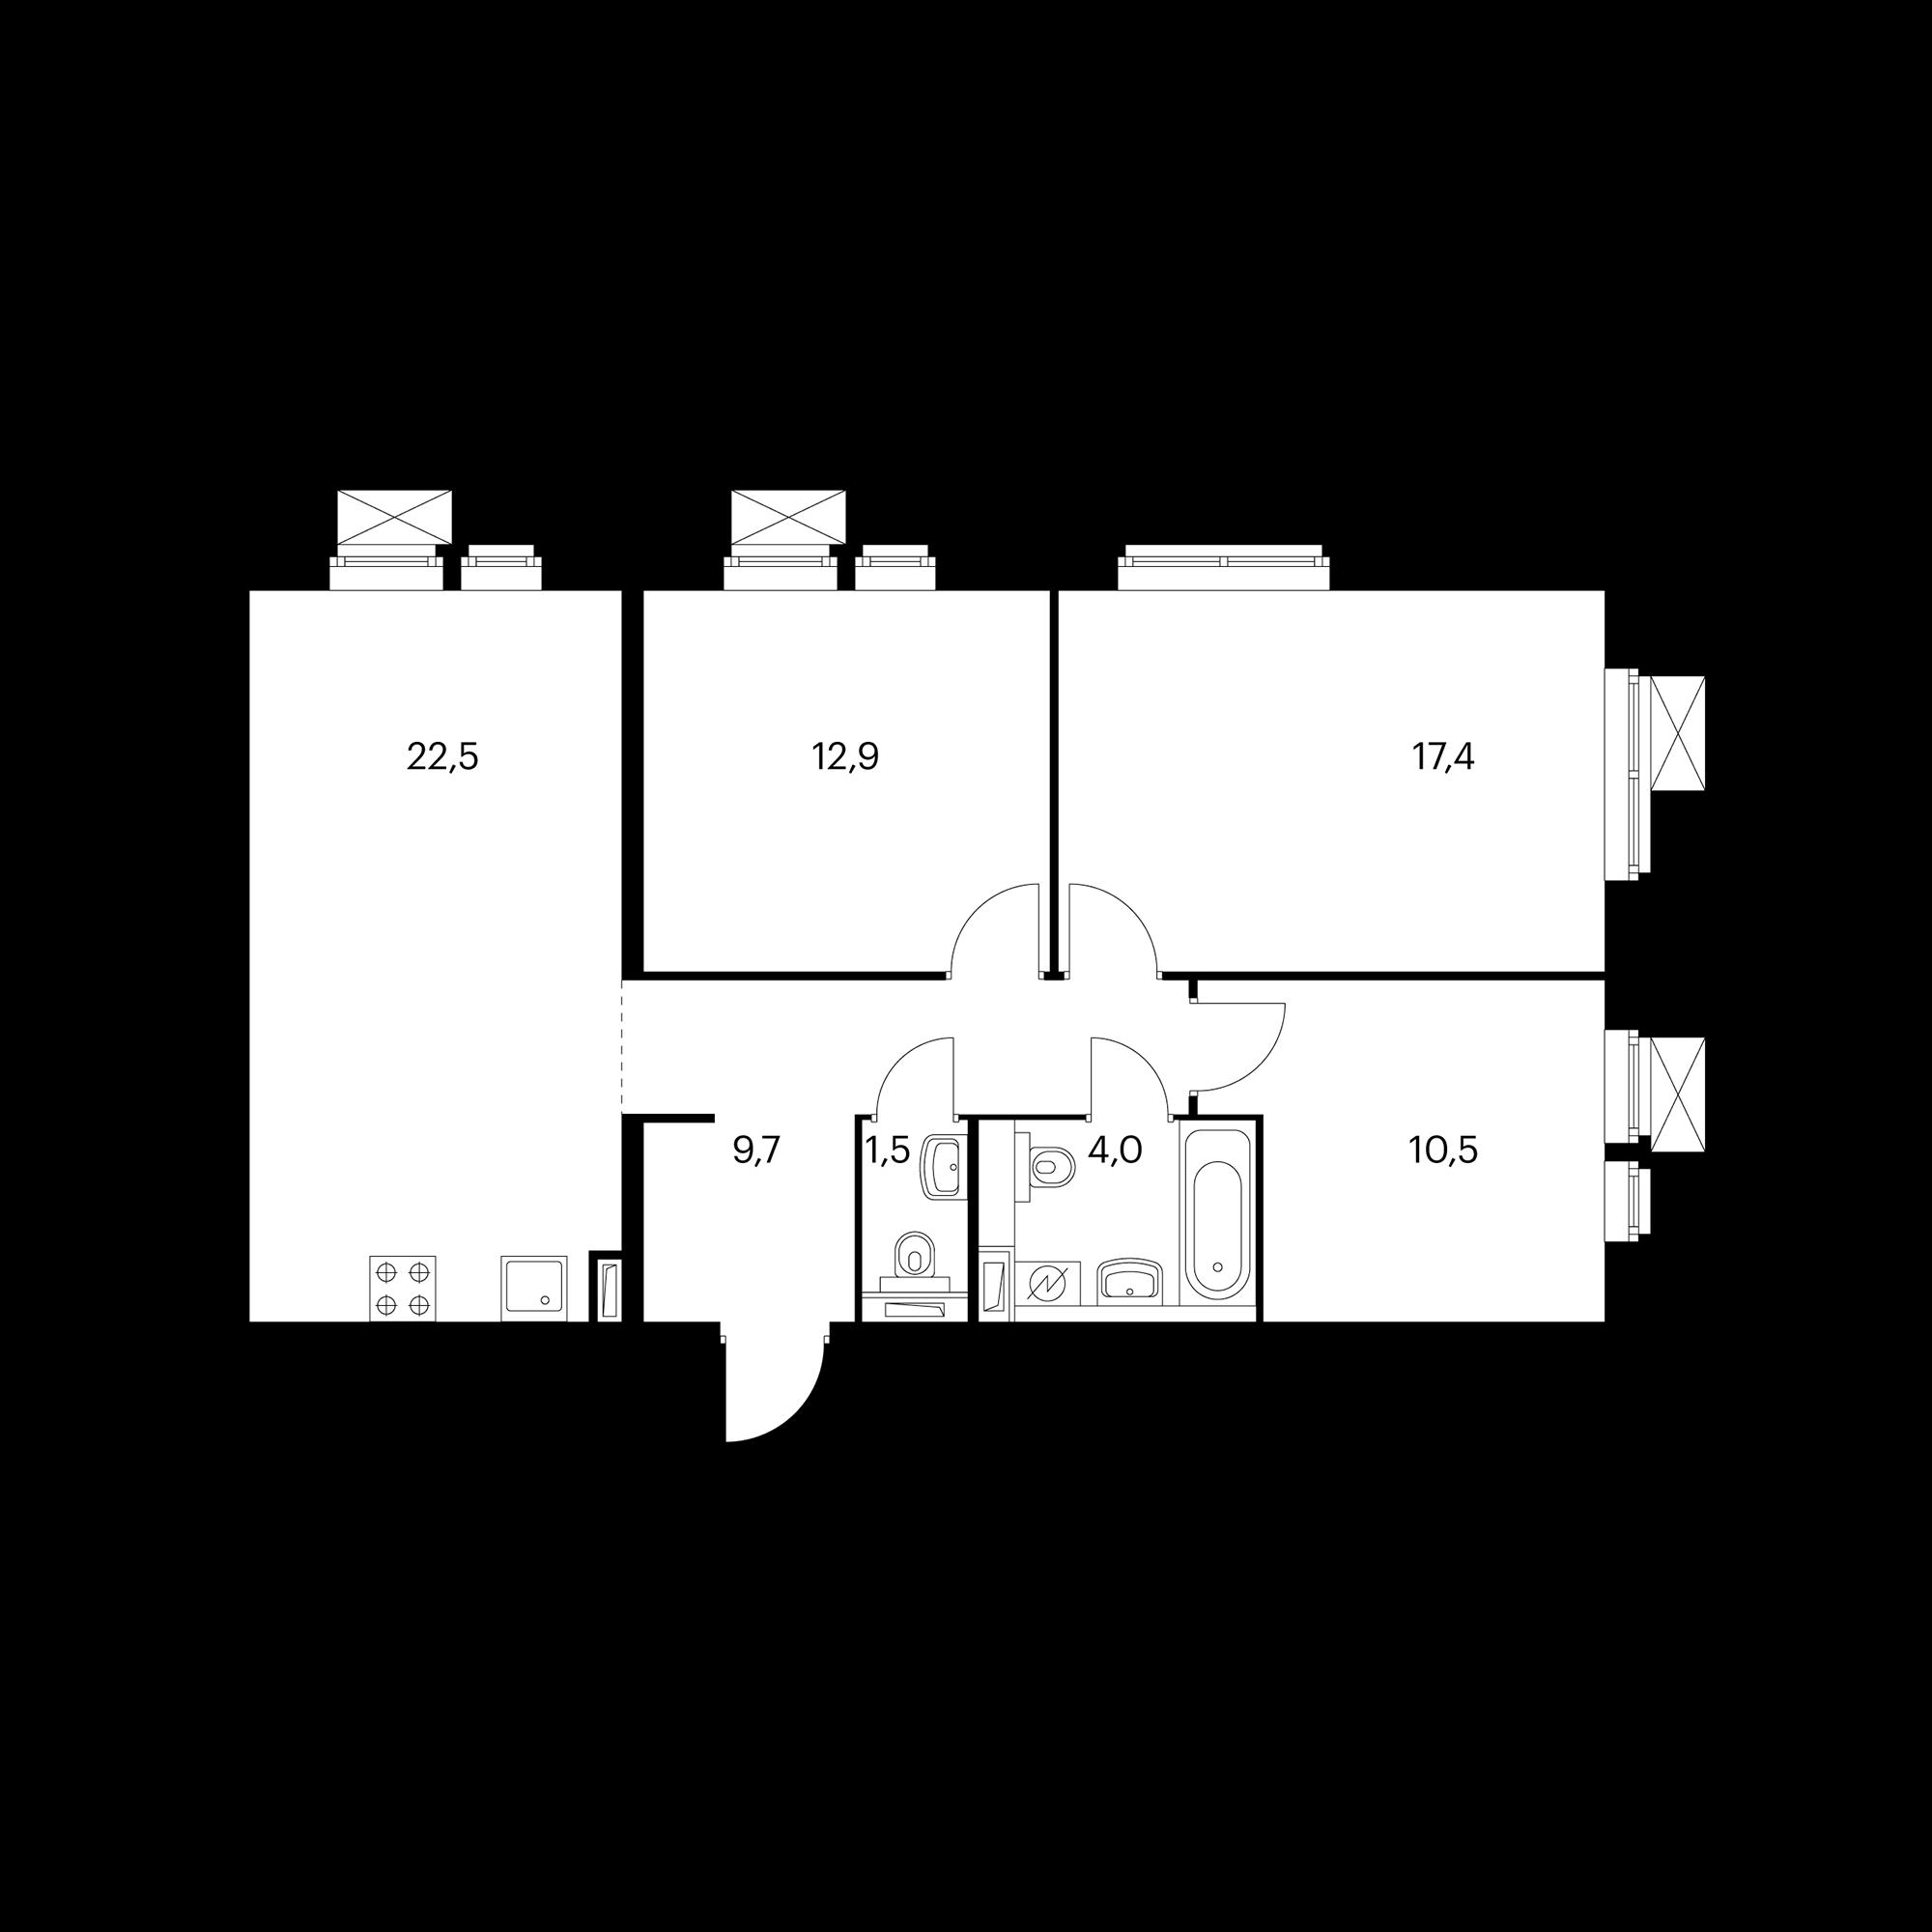 3EM21_6.9-1_Т_Z3